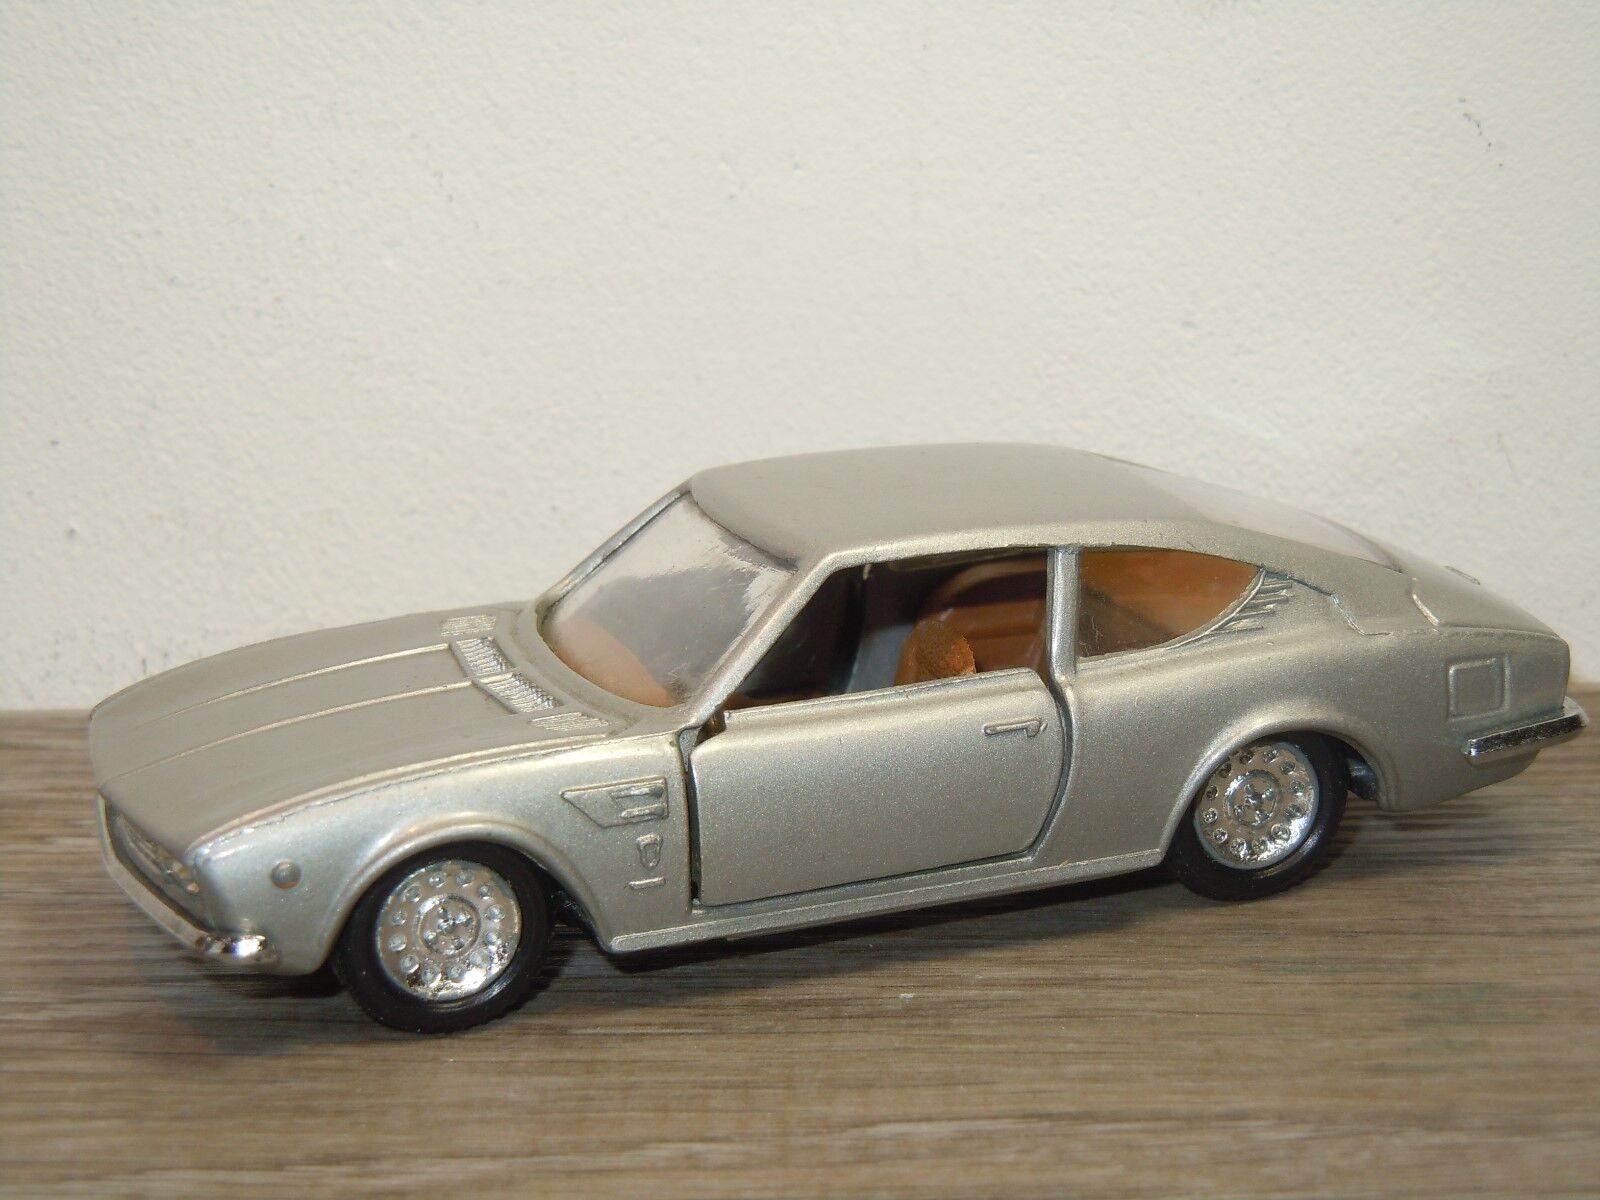 Fiat  Dino Coupe - Mercury  1 43 36215  100% neuf avec qualité d'origine